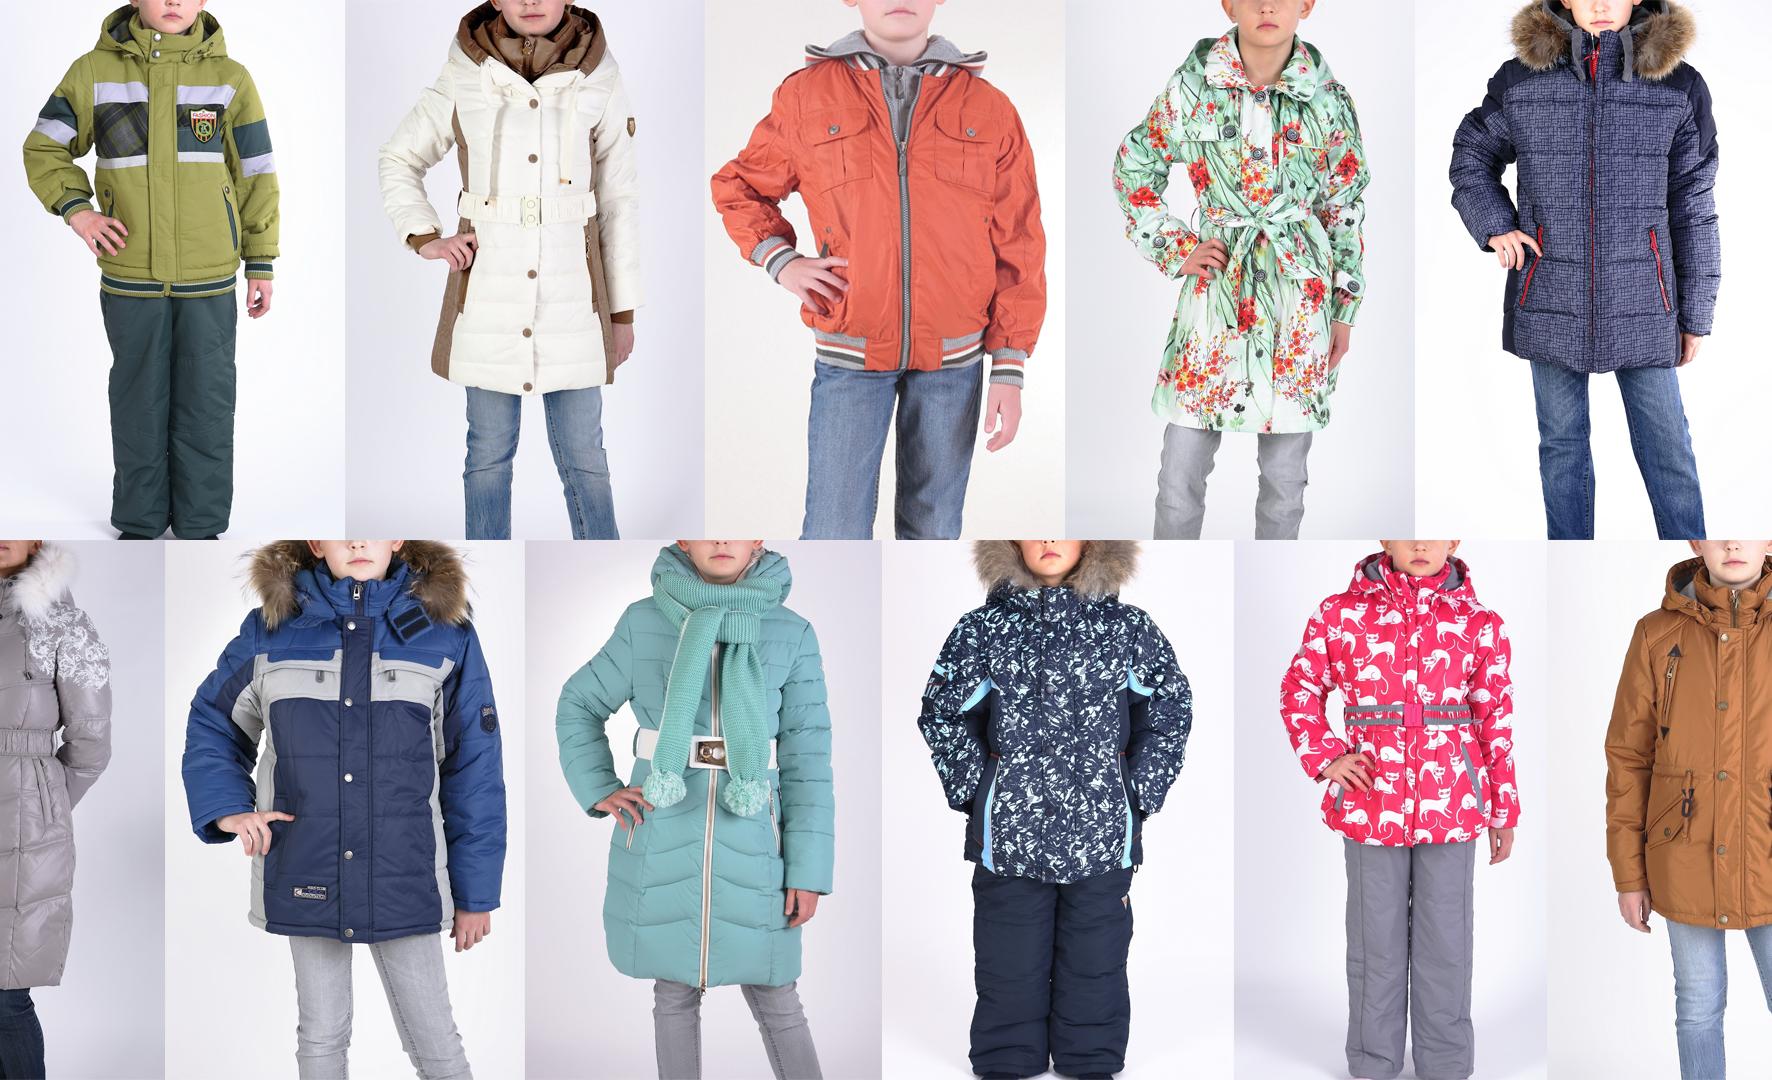 Сбор заказов. Самая теплая детская верхняя одежда Кико. Коллекции 2015/16 по сниженным ценам. Распродажа. Выкуп 9/16